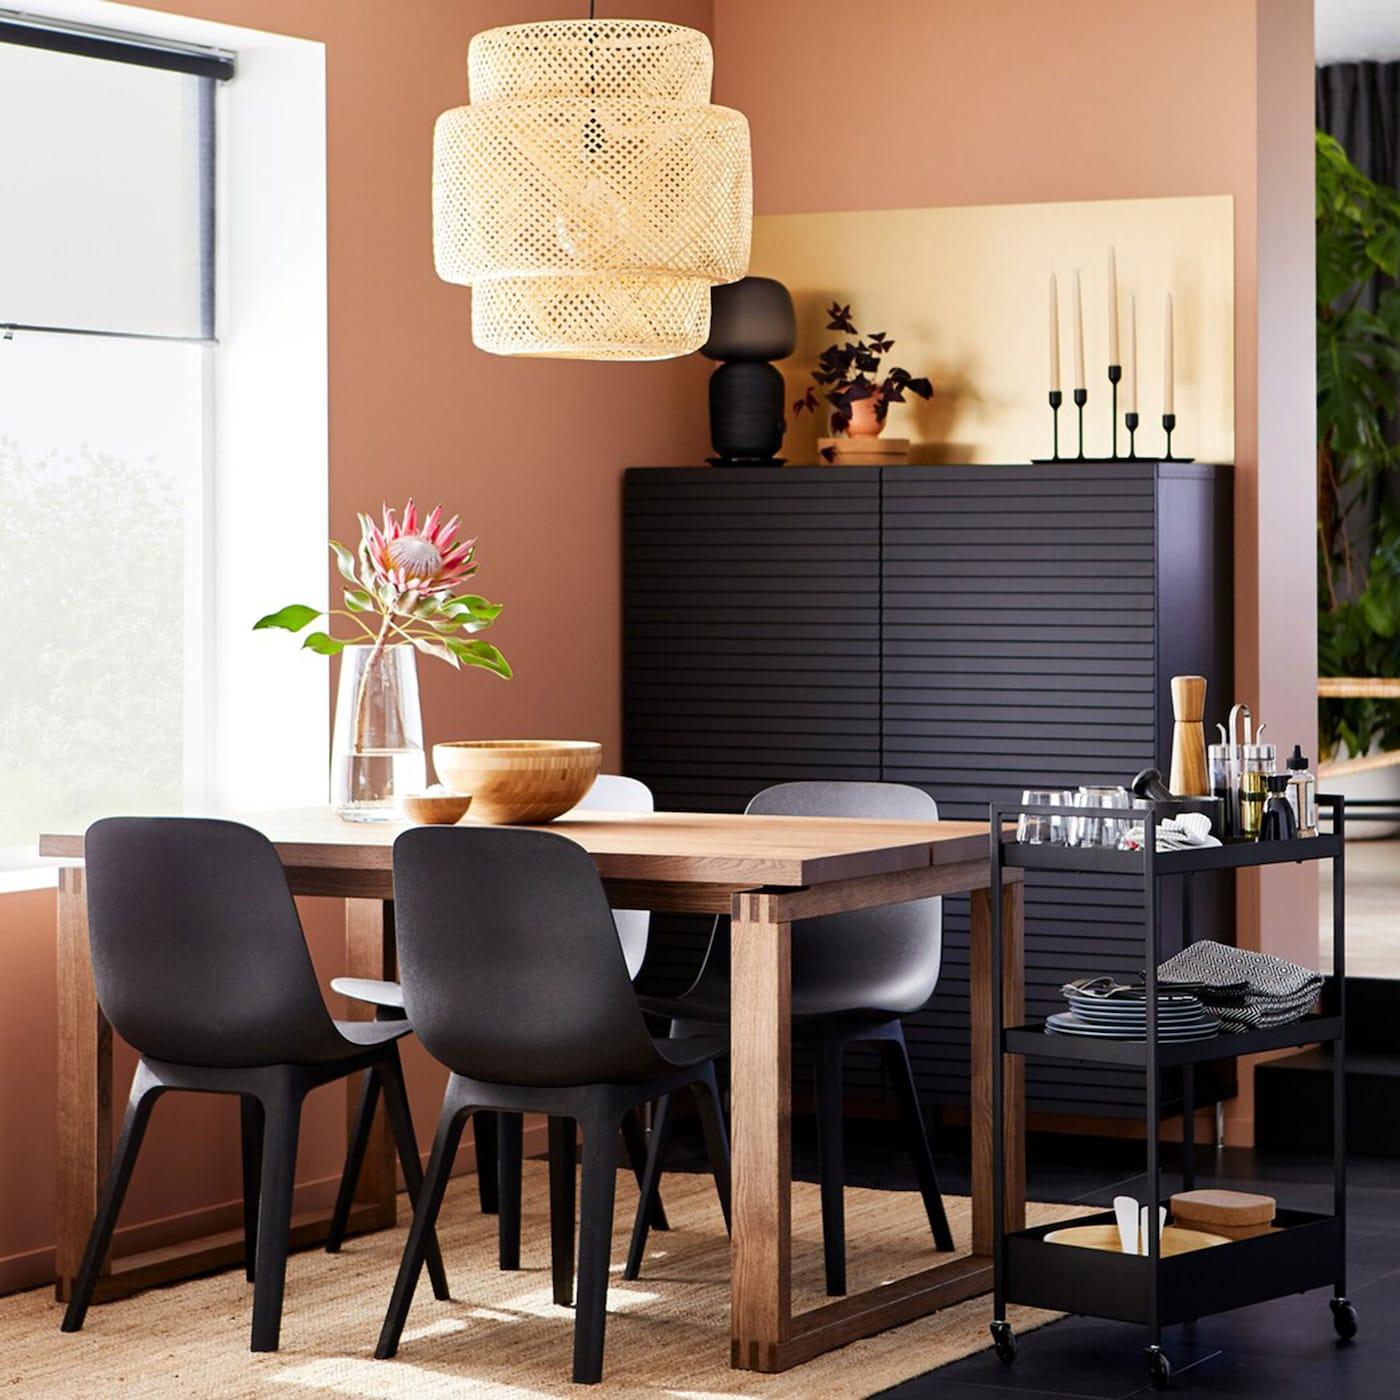 Ikea & Dining Room Furniture | Dining Room Ideas - IKEA